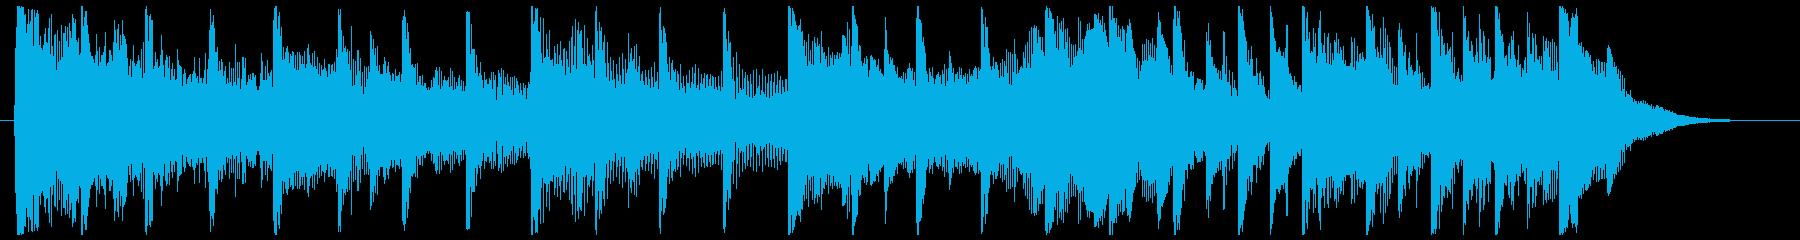 会社の事業プレゼン用トラック-バンパーの再生済みの波形